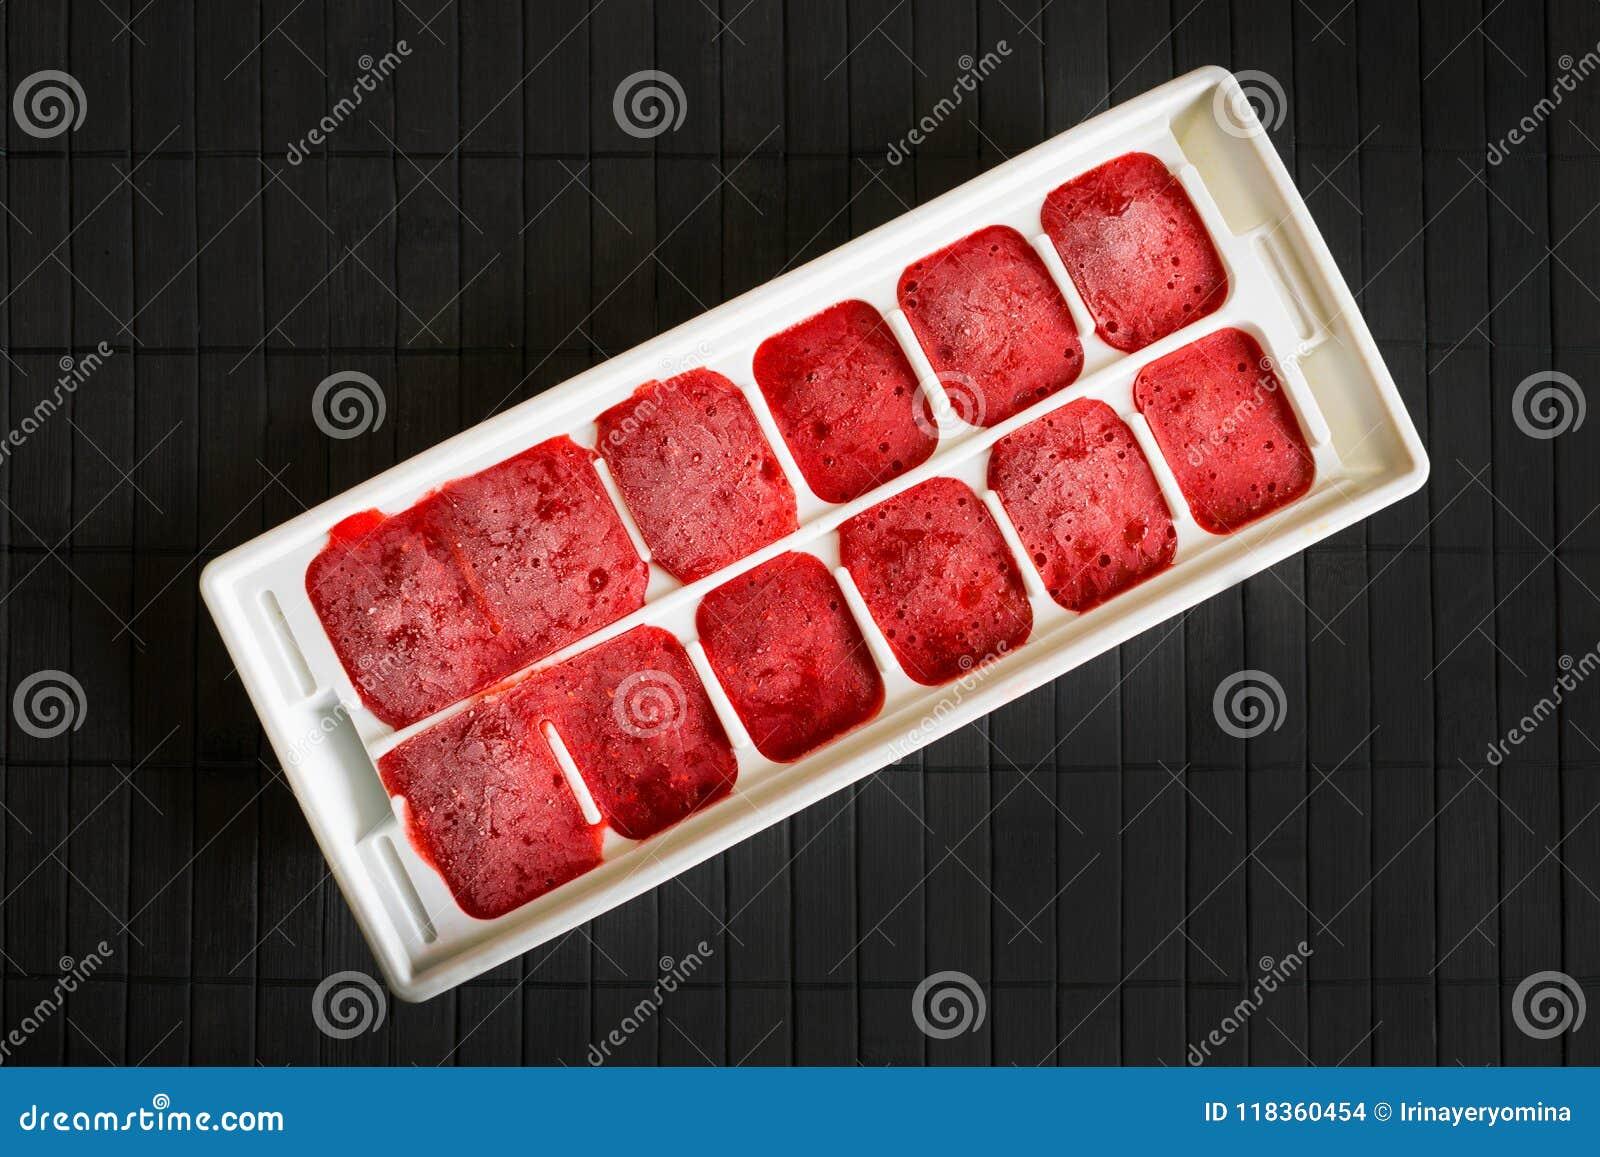 Wie man Erdbeeren einfriert Das Erdbeerpüree wird im Th eingefroren